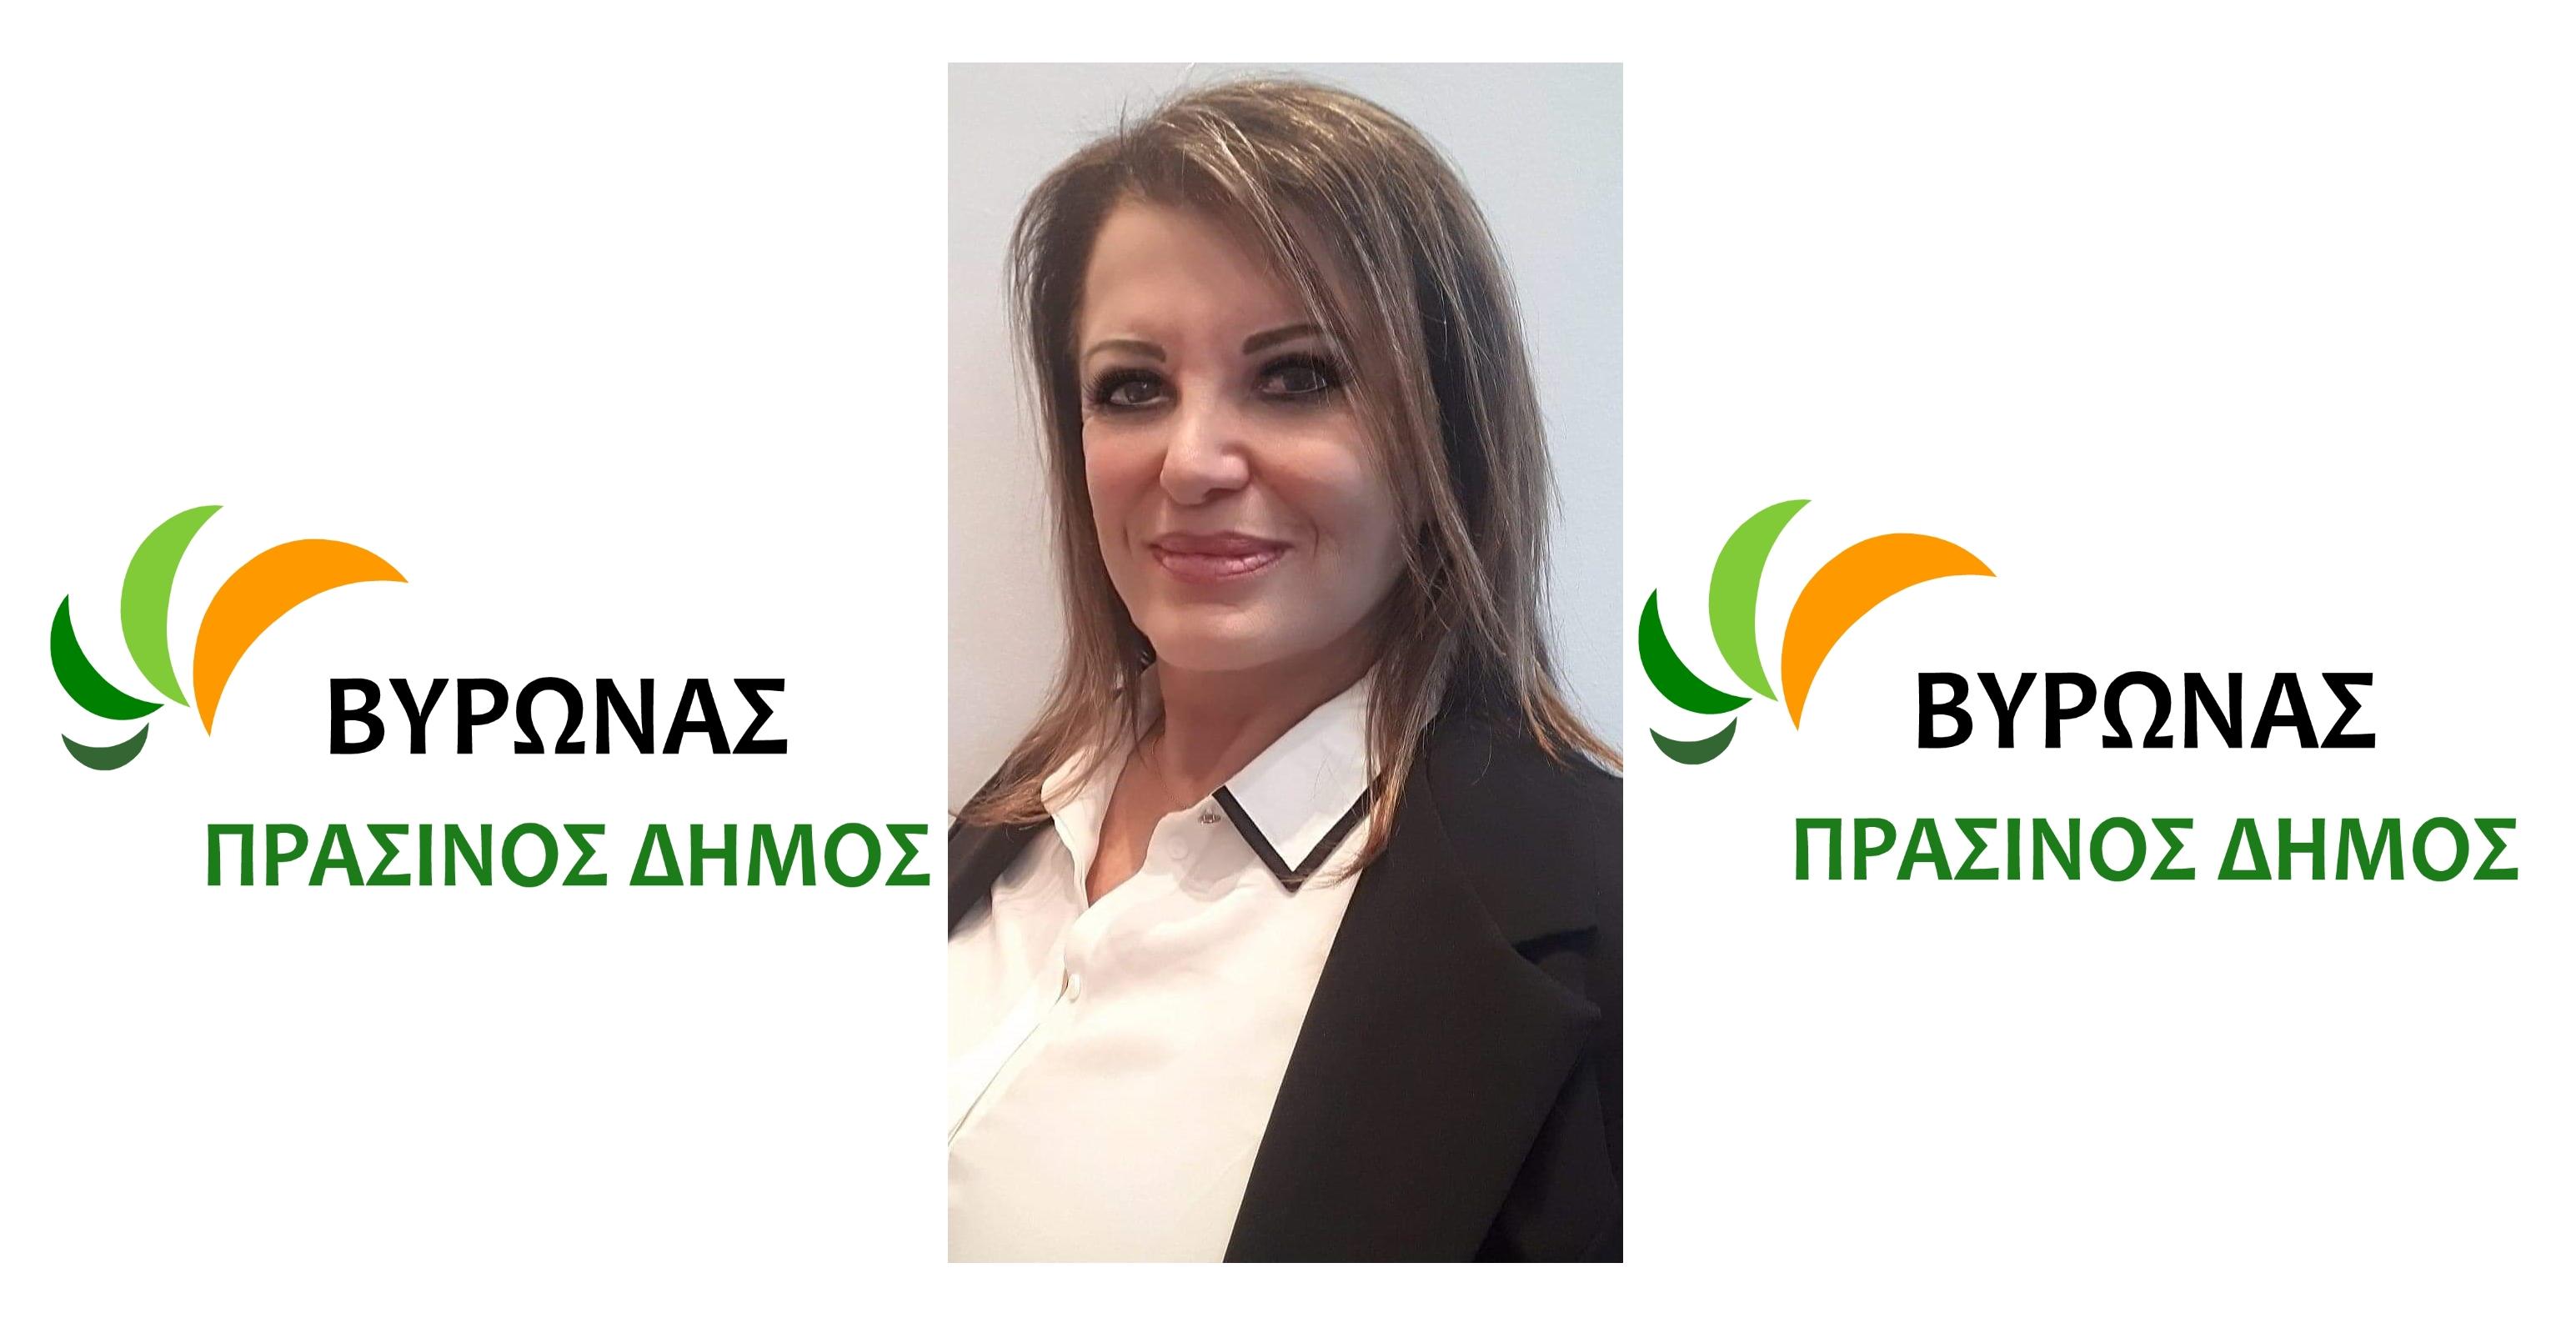 Νέα υποψήφια δήμαρχος Βύρωνα η Κατερίνα Στέφου με τον συνδυασμό «ΒΥΡΩΝΑΣ ΠΡΑΣΙΝΟΣ ΔΗΜΟΣ»